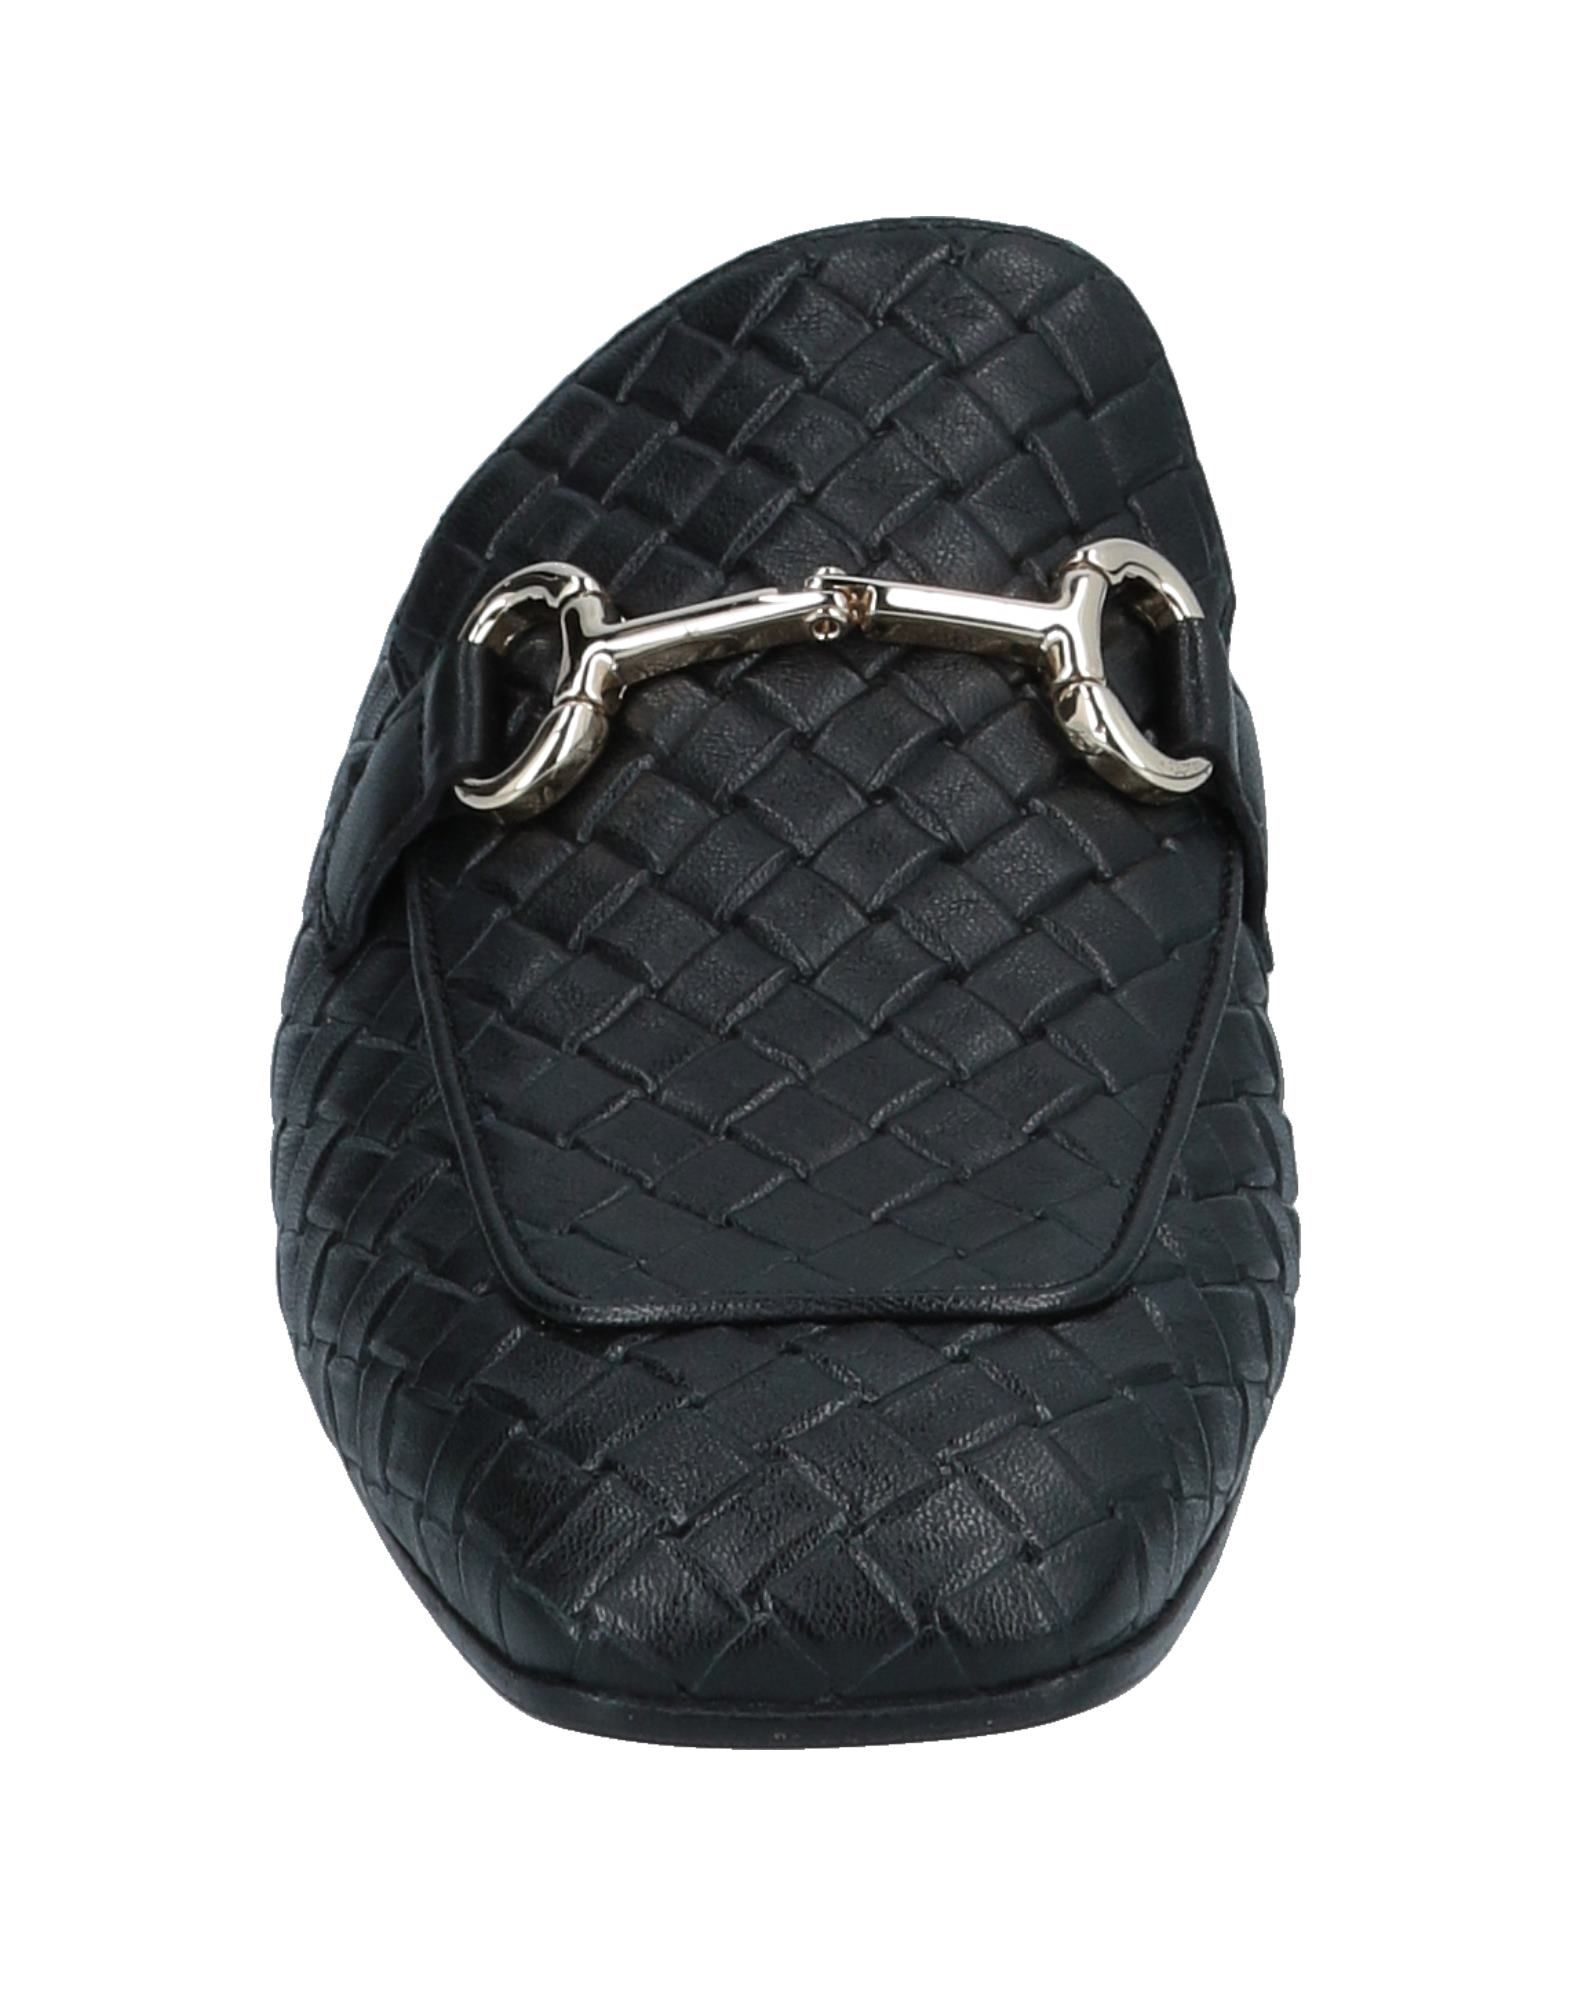 Stilvolle billige Damen Schuhe Mara Bini Pantoletten Damen billige  11574947RS 759da7